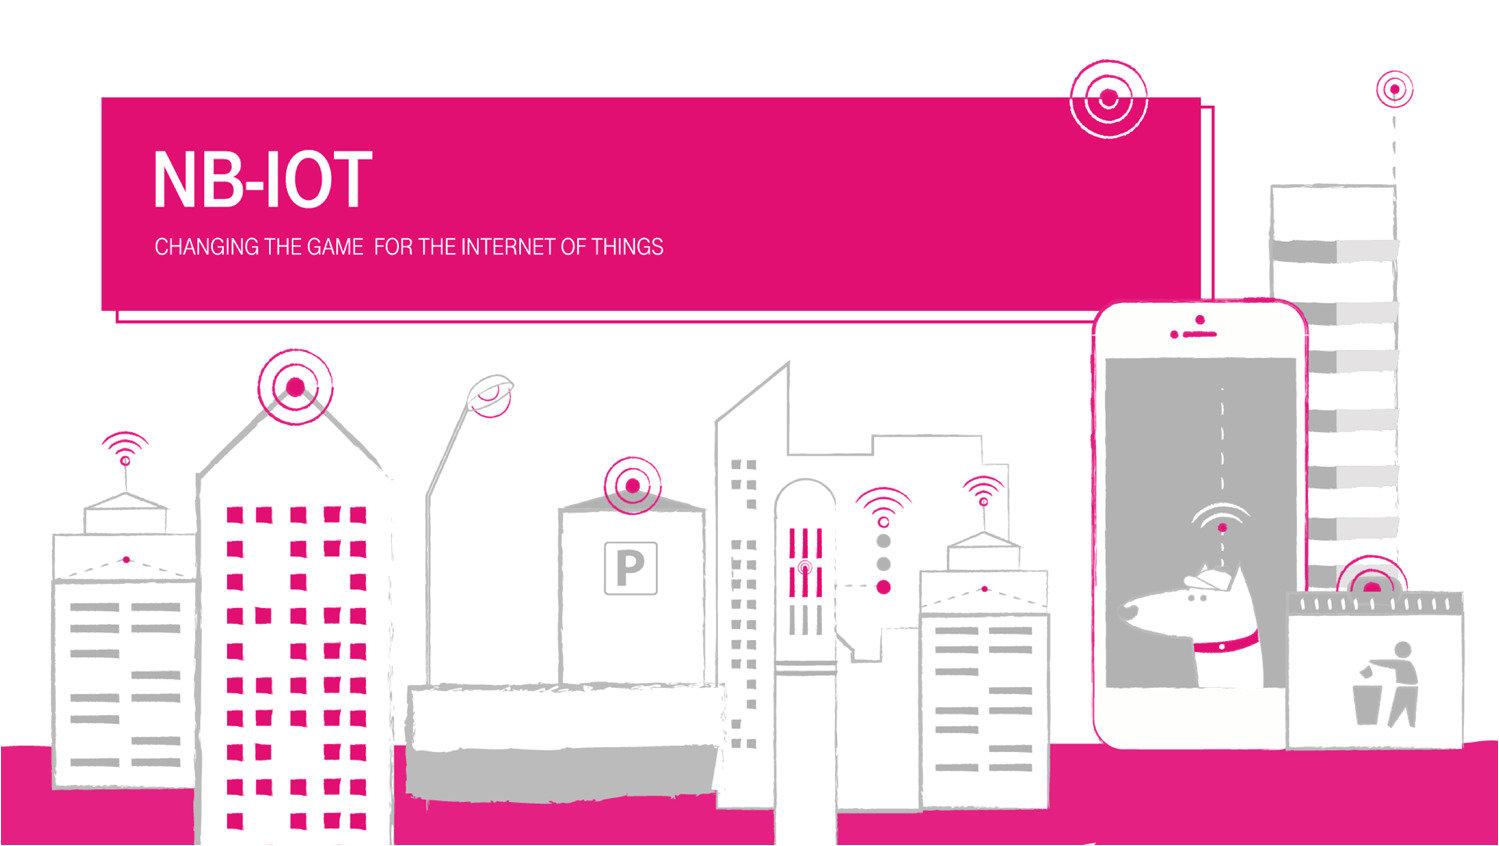 Технология интернета вещей nb-iot: особенности, преимущества, что это такое